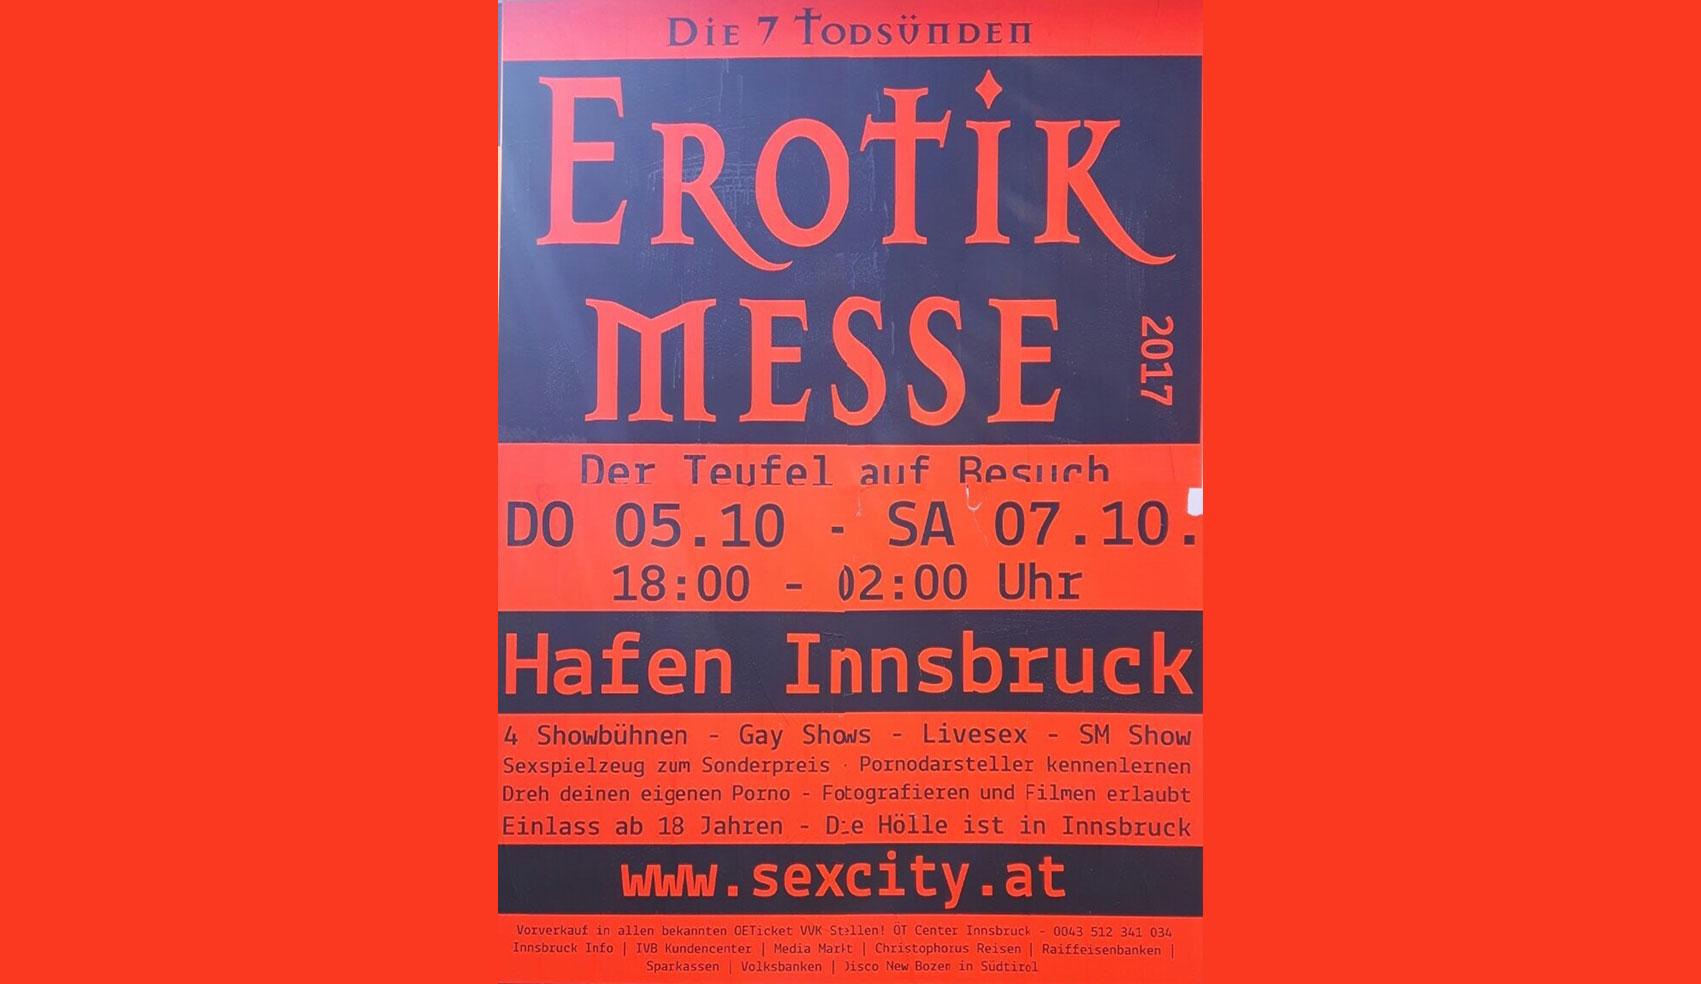 Offener Brief An Innsbrucks Bürgermeisterin Zur Innsbrucker